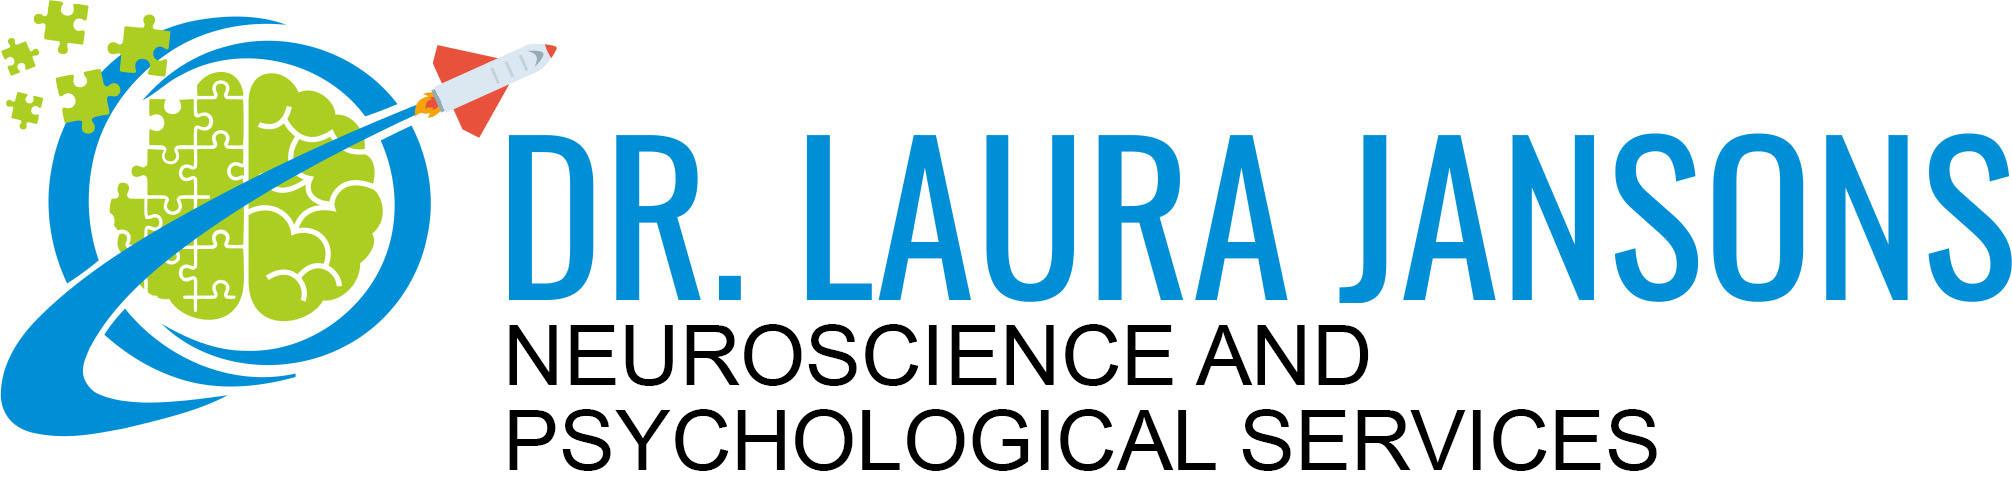 Dr. Laura Jansons